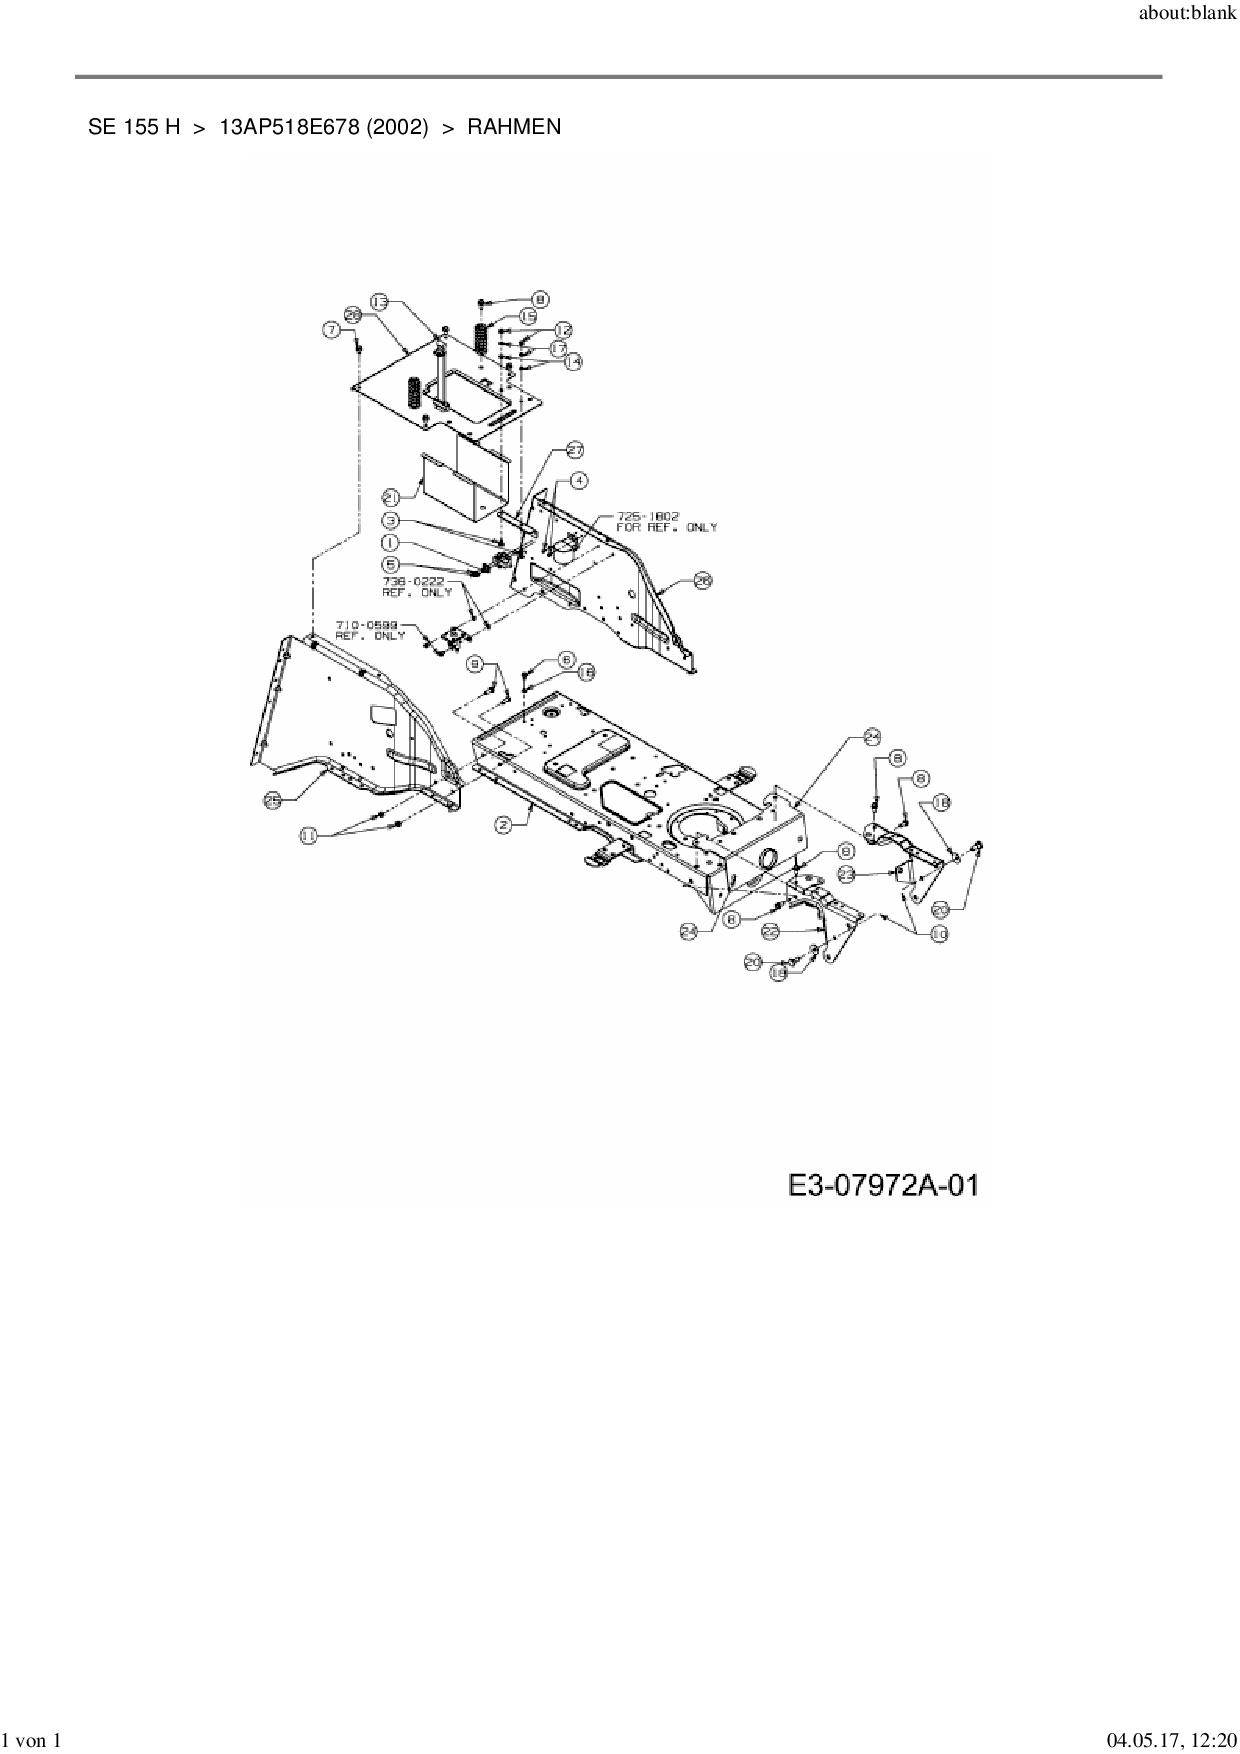 Ersatzteile von MTD Rasentraktor SE 155 H aus der Zeichnung Rahmen